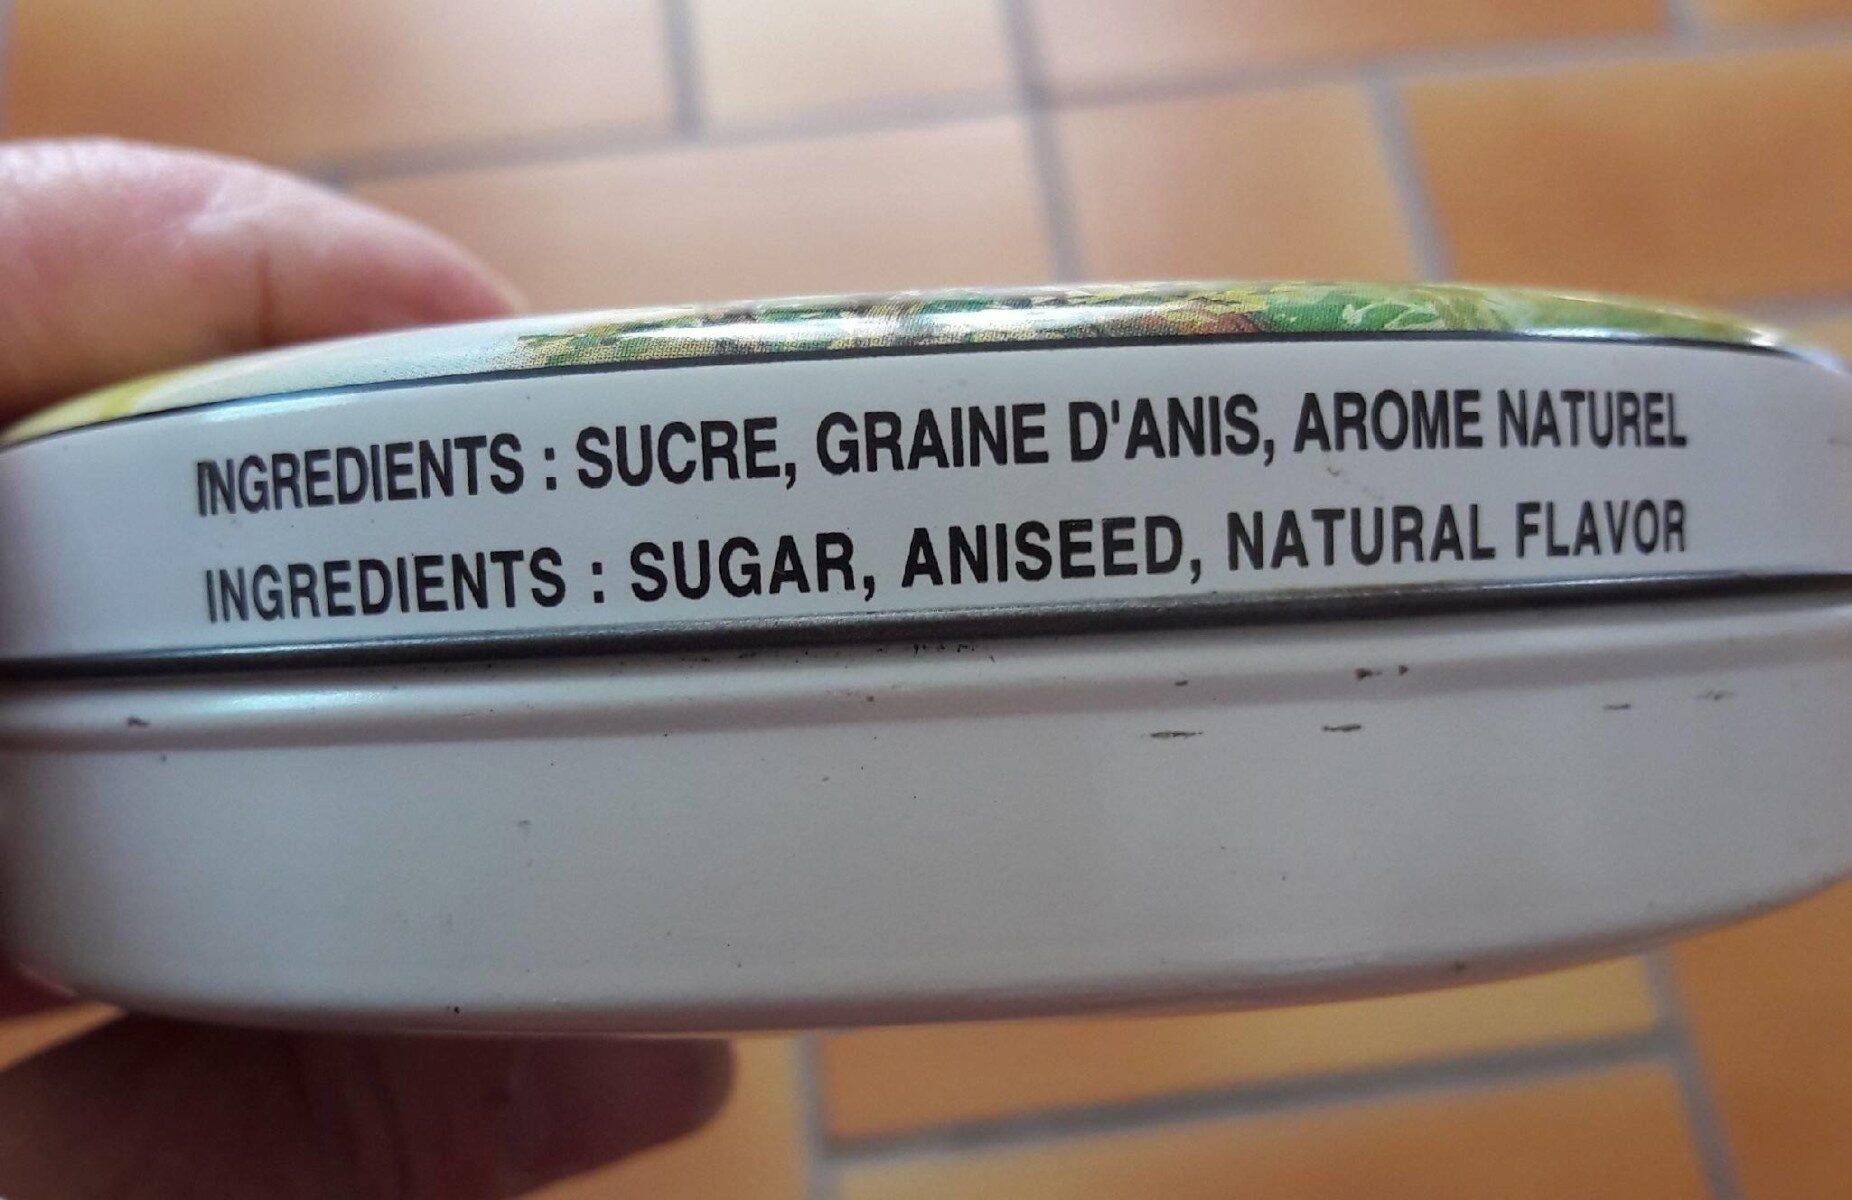 Boîte Ronde 250 g - Nutrition facts - fr